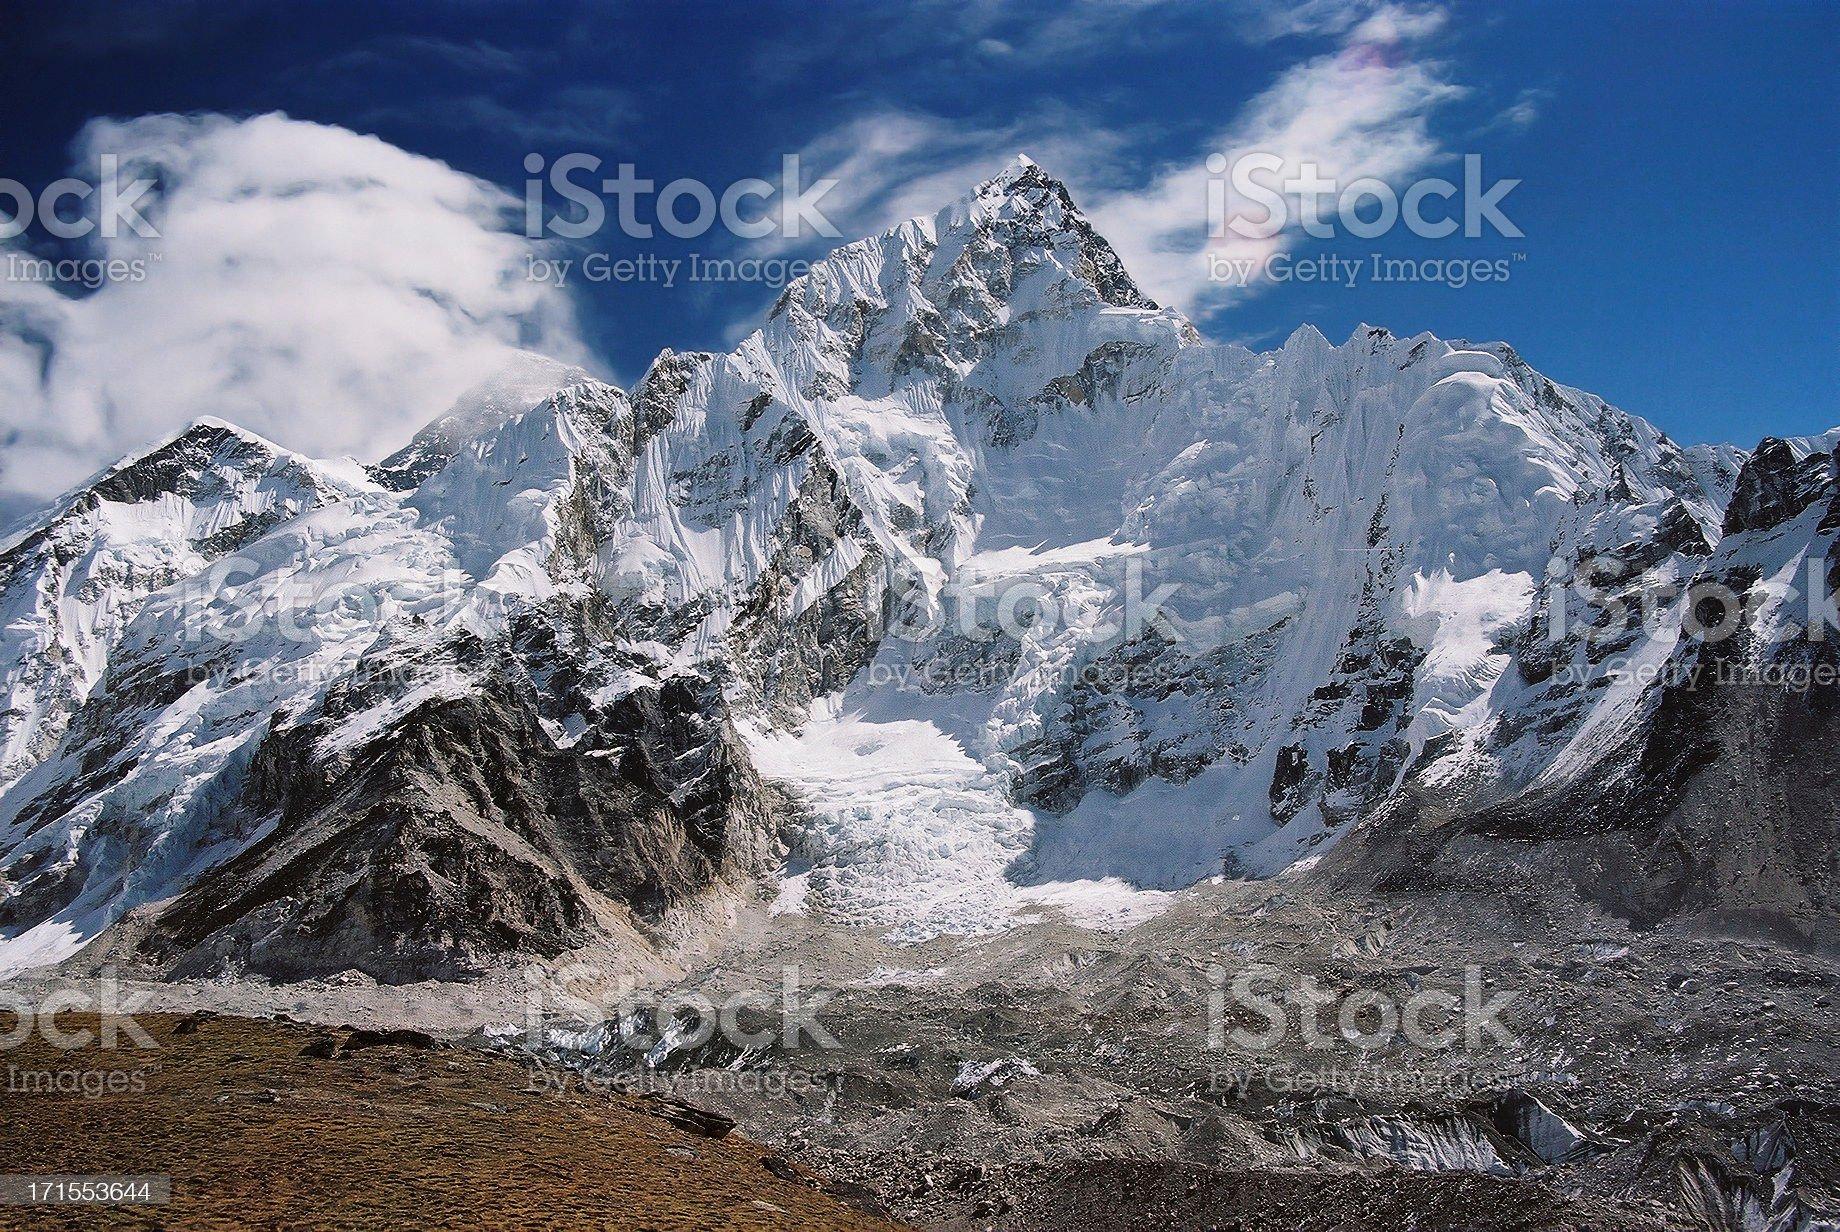 Nuptse i Mount Everest royalty-free stock photo